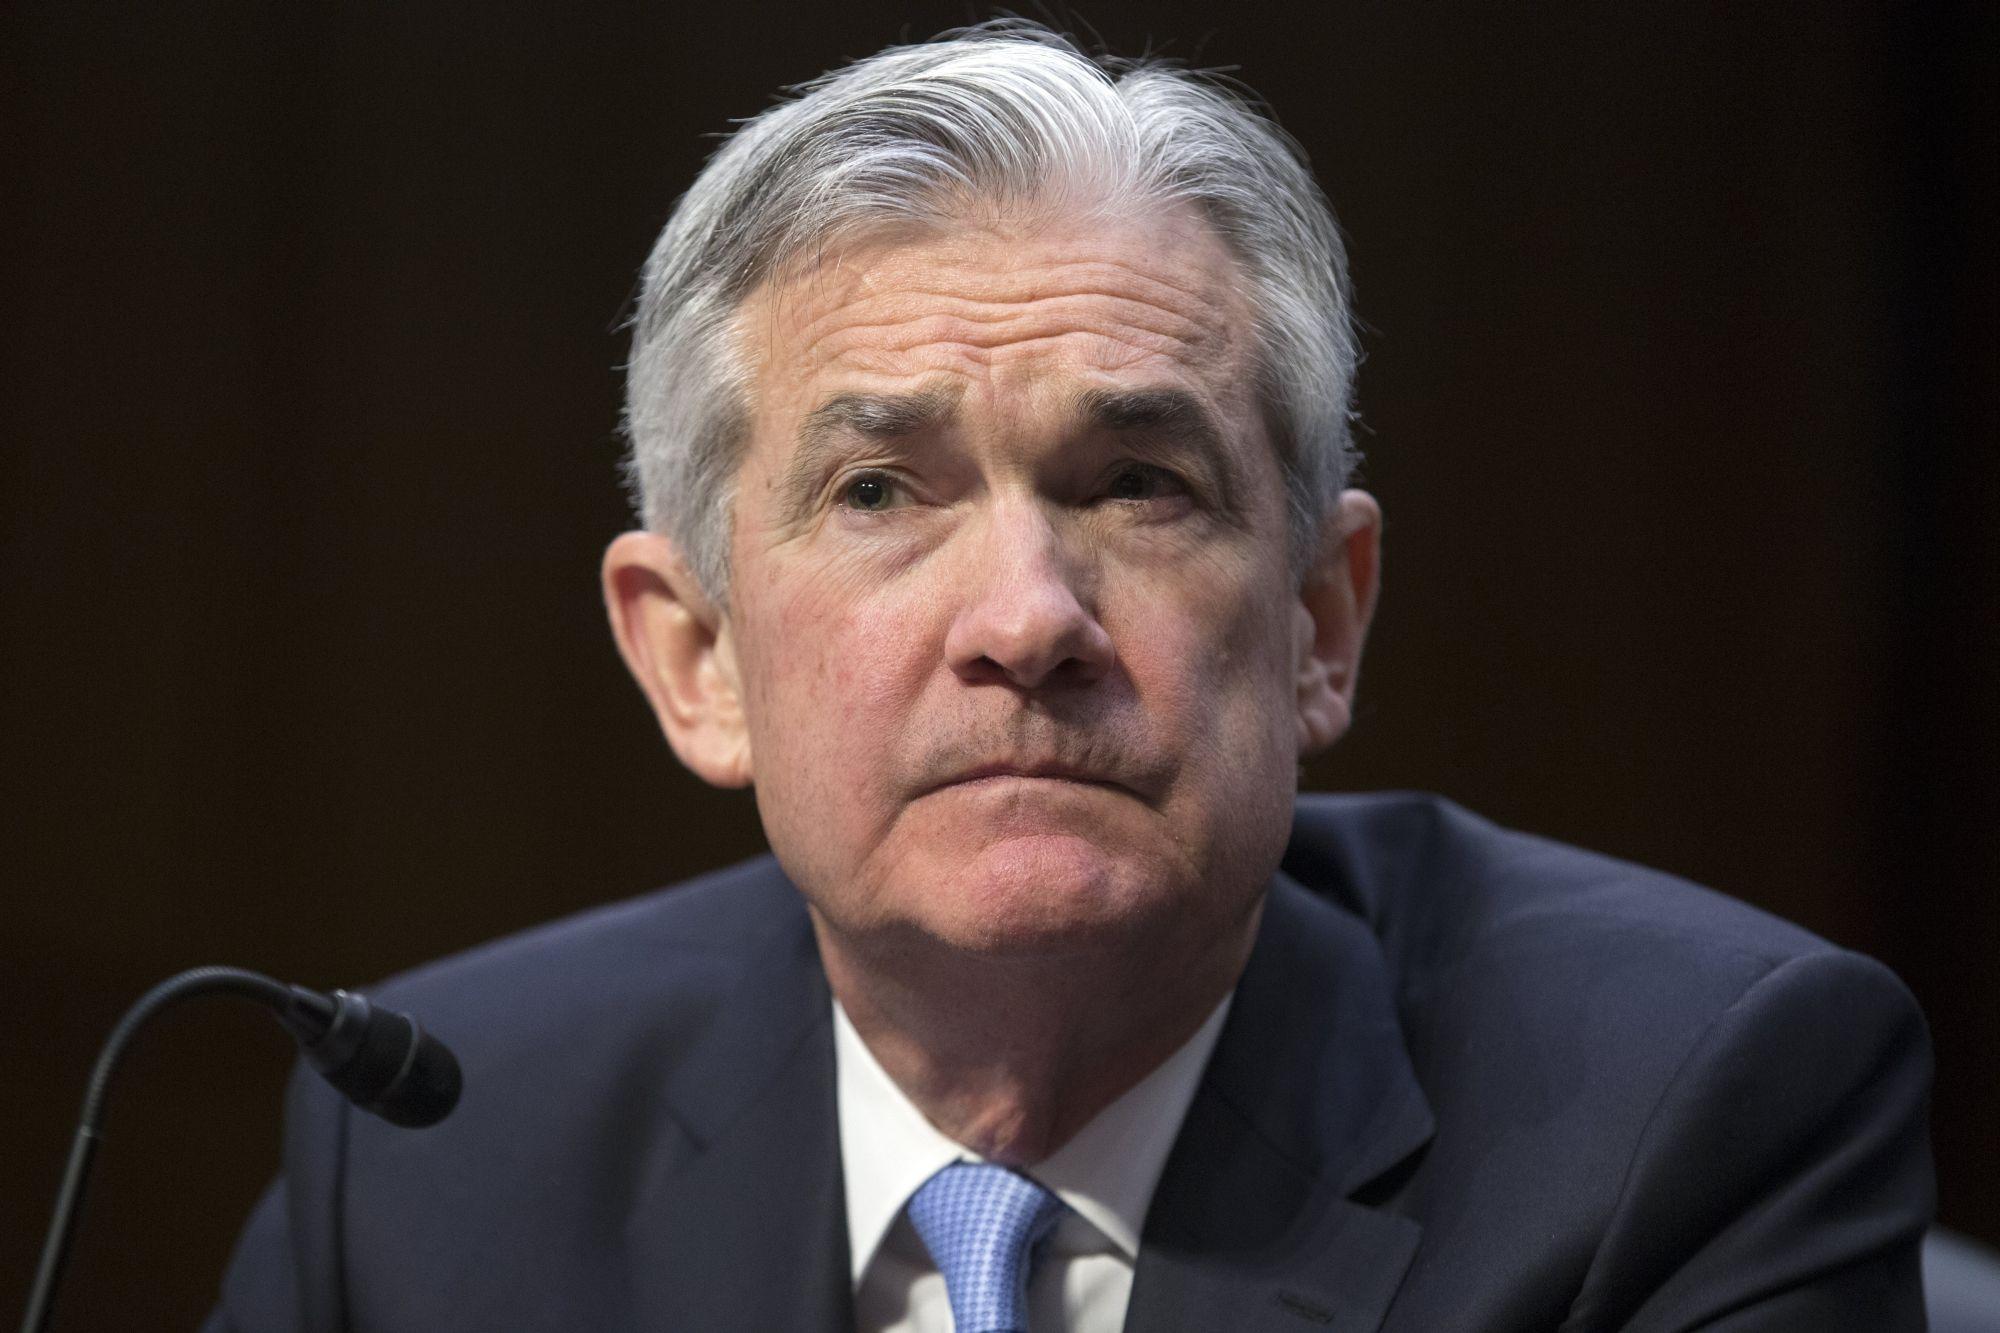 Jerome Powell a Fed elnökjelöltje a szenátus banki bizottsága előtti meghallgatásán Washingtonban, 2017. november 28-án. EPA/MICHAEL REYNOLDS